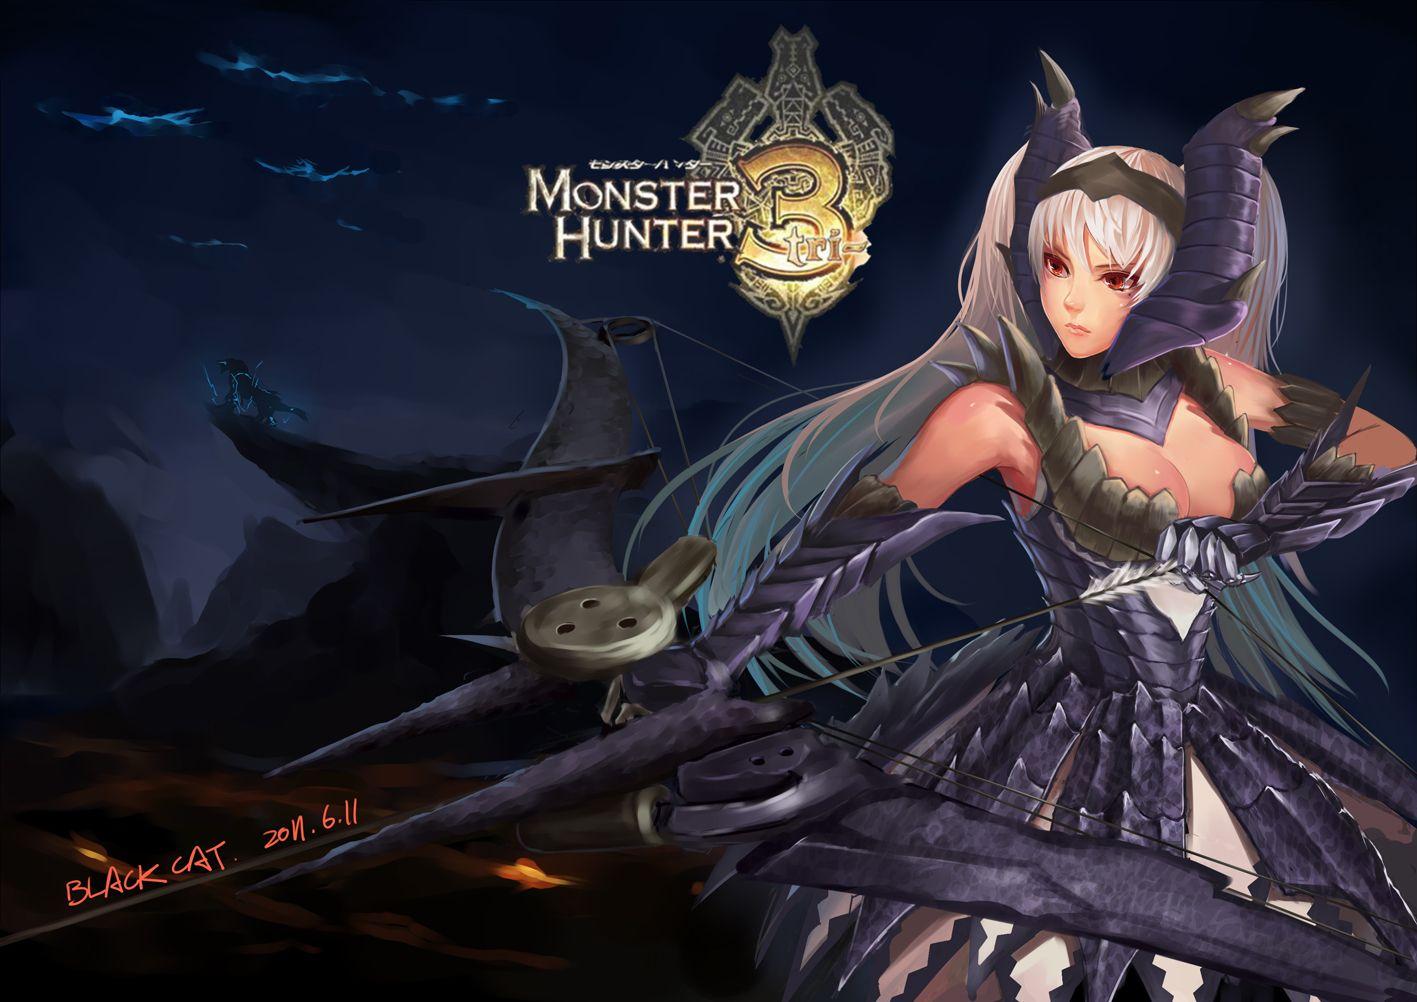 Monster Hunter Alatreon Female Armor Papeis De Parede